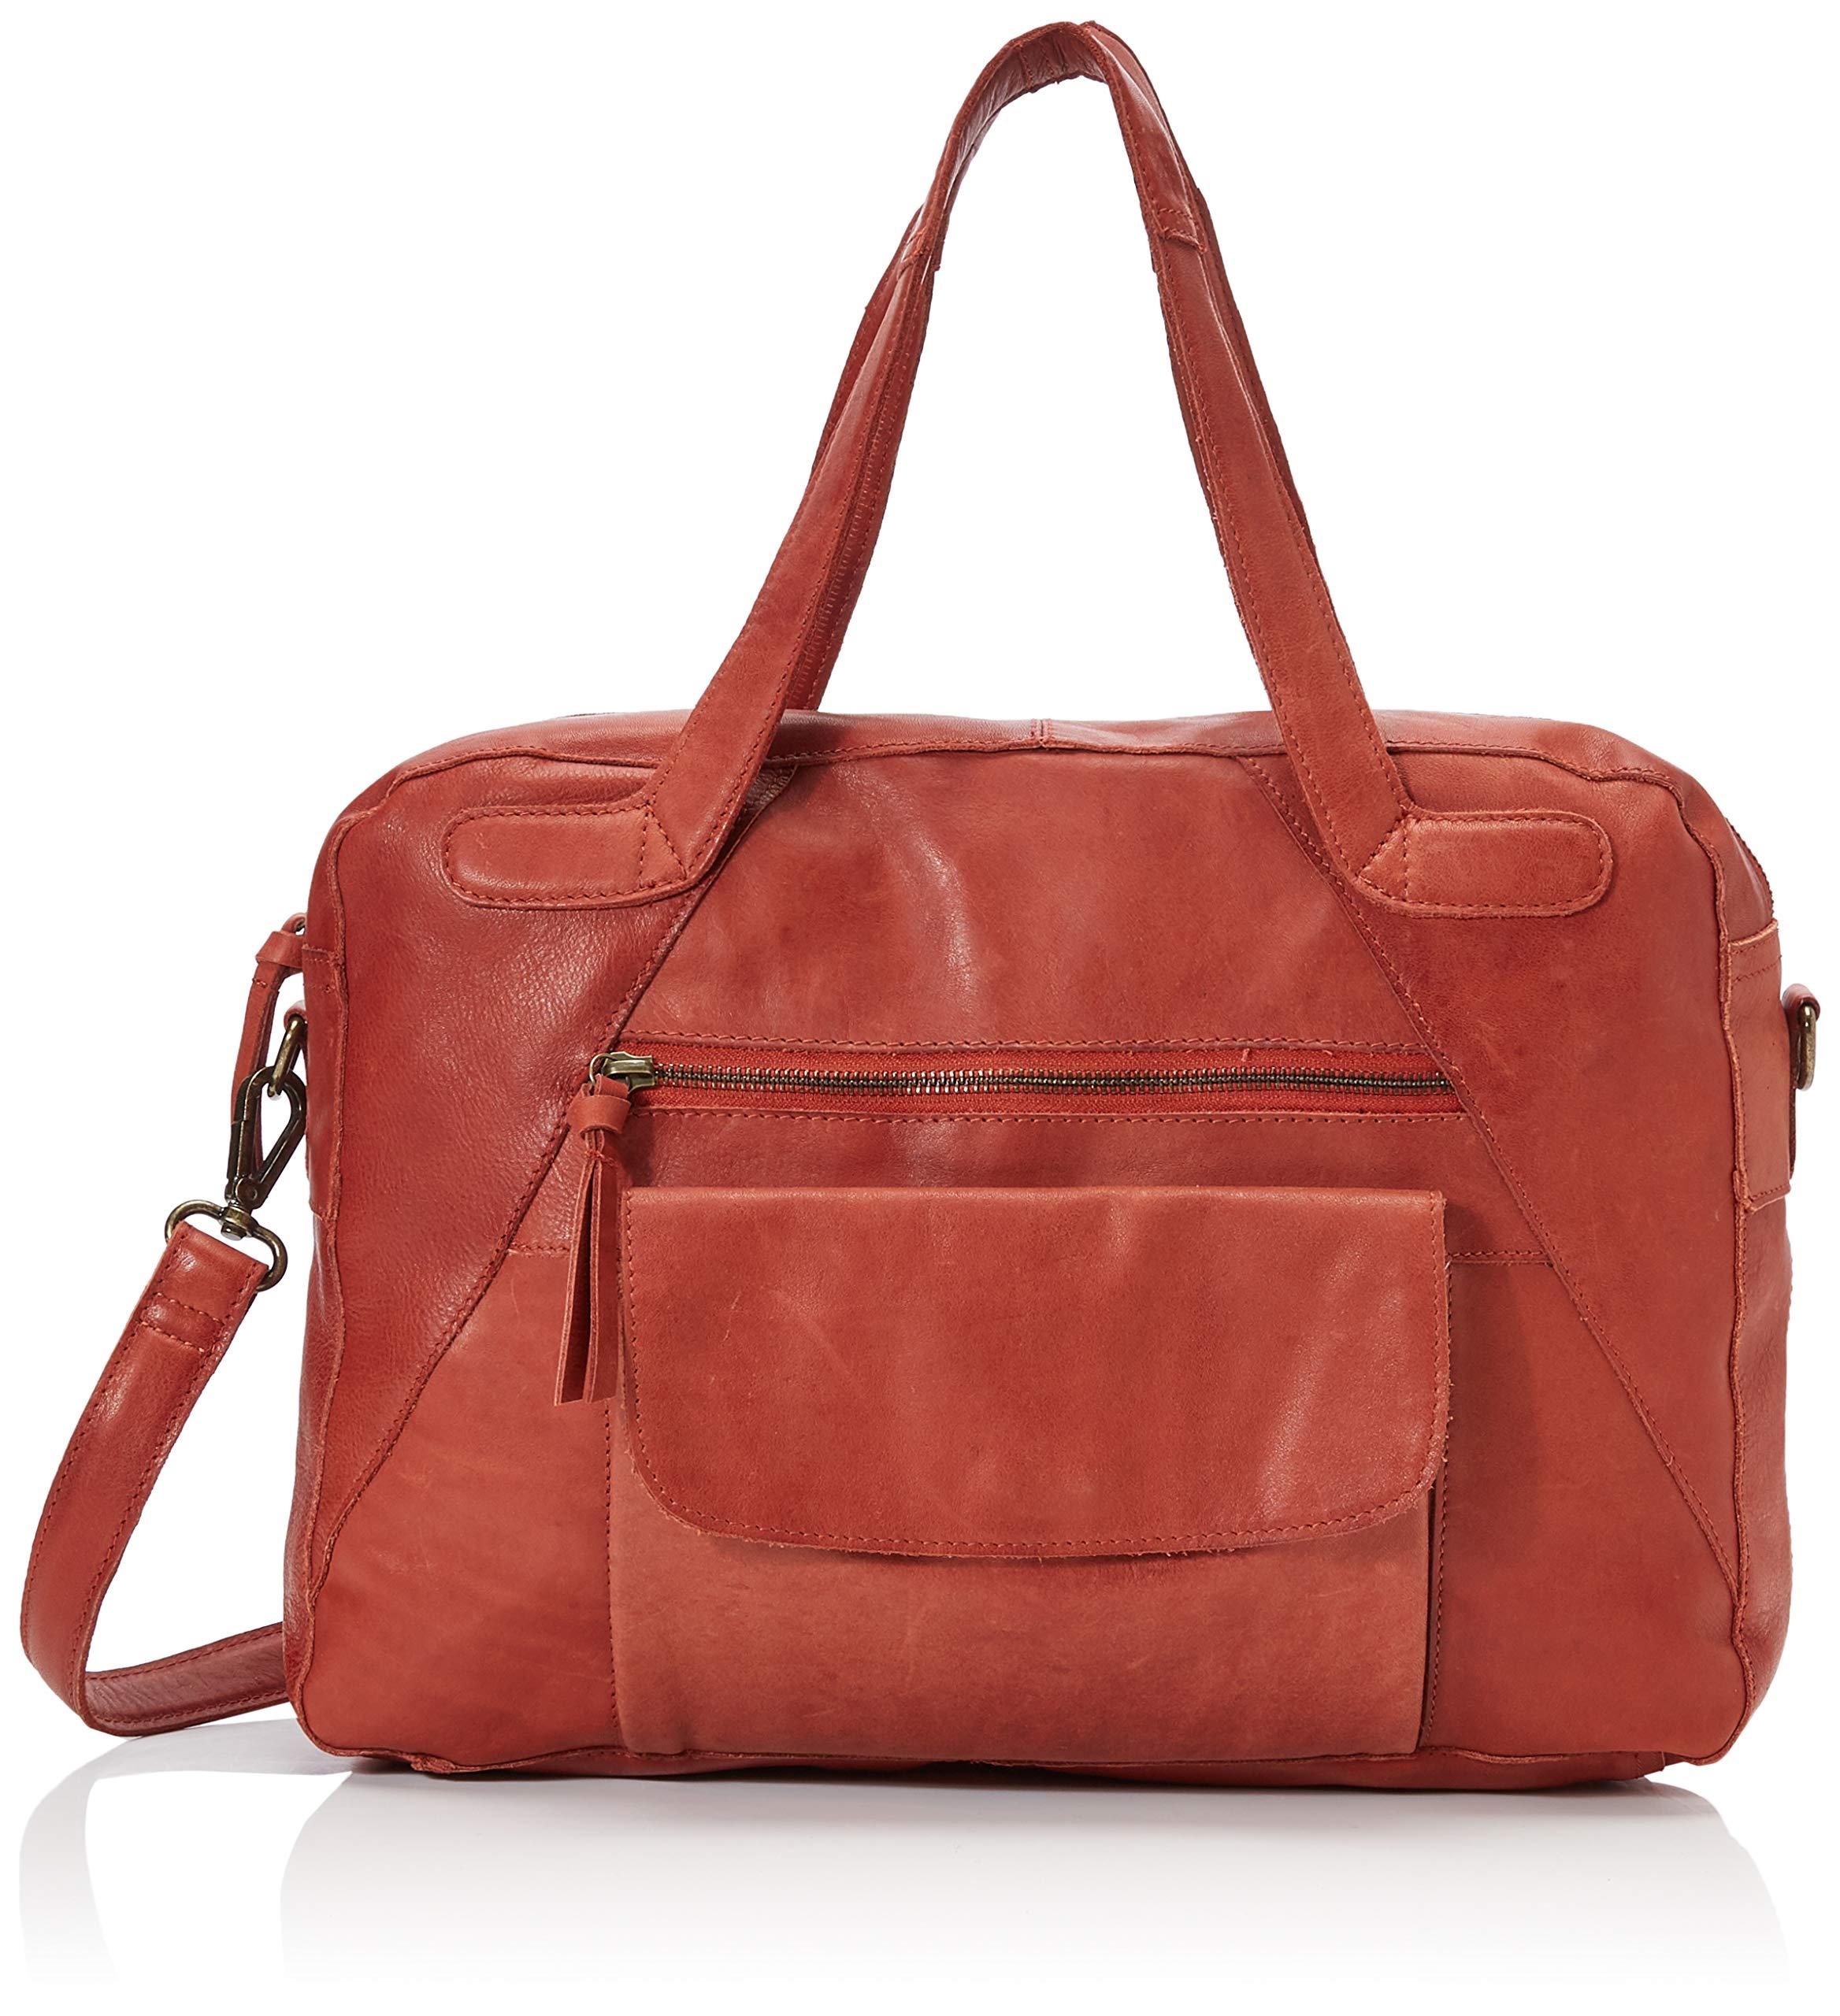 T BagSacs Épaule Leather X H Pccollina 5x37x25 Cmb Pieces Portés FemmeMarronpicante11 rdCBxoe